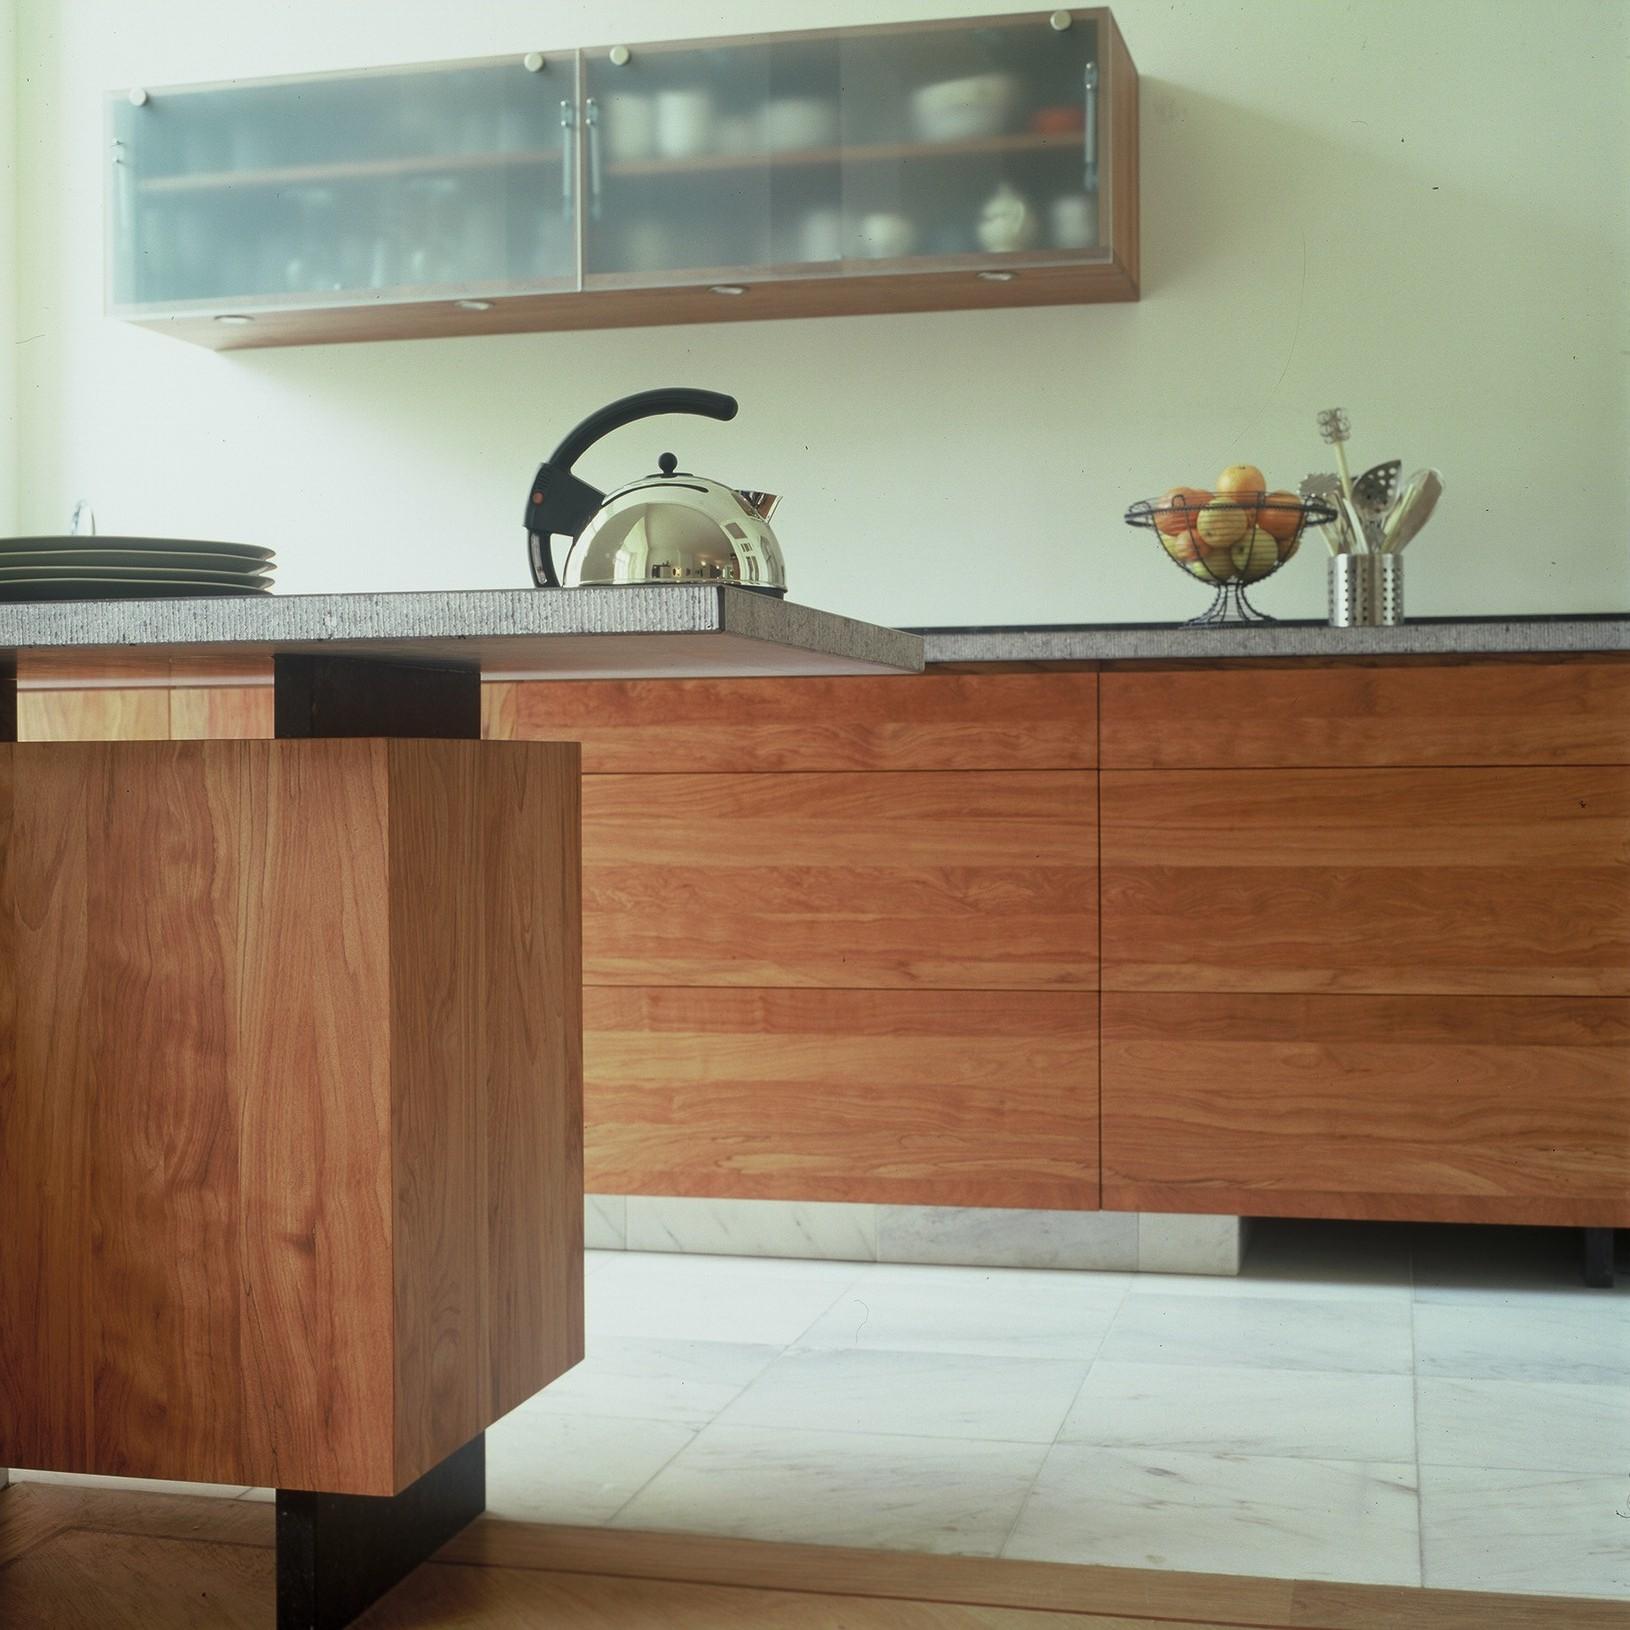 natuurlijke uitstraling van massief afzeliahout, belgisch hardsteen(gefreind),matglas en marmeren vloer.